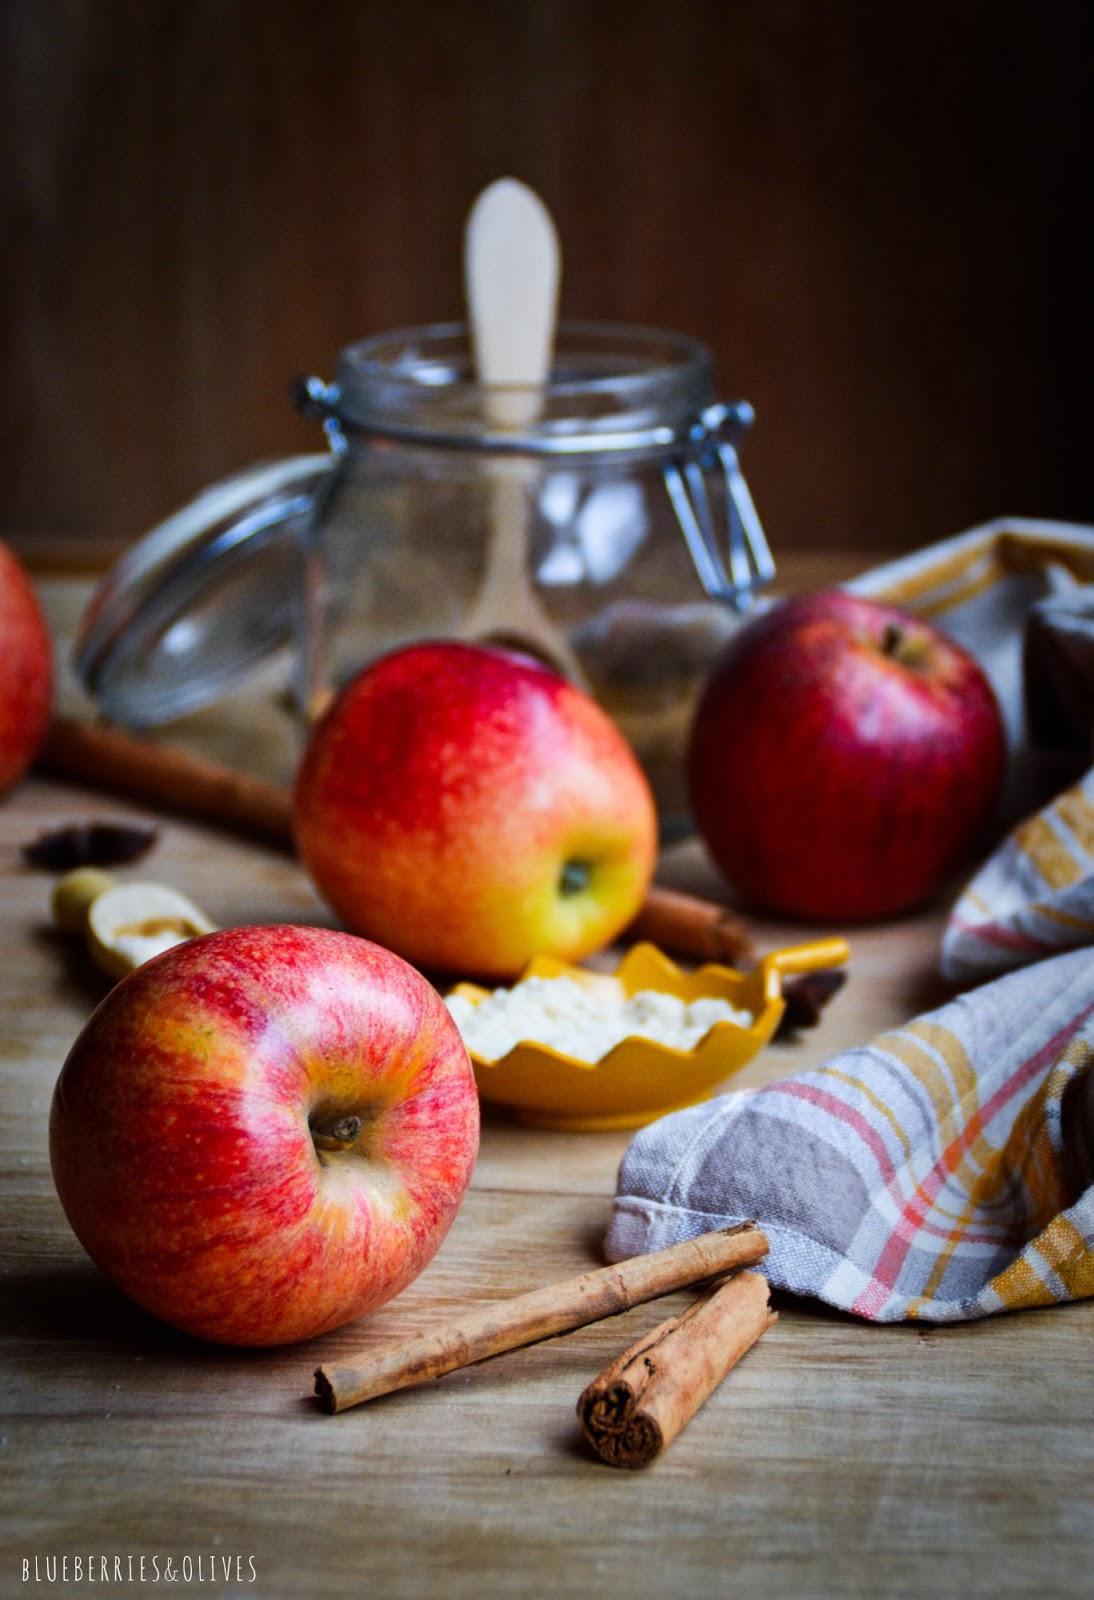 Ingredientes galletas caseras coco y manzana, manzanas rojas, ramas canela, trapo de cocina, fondo de madera vieja